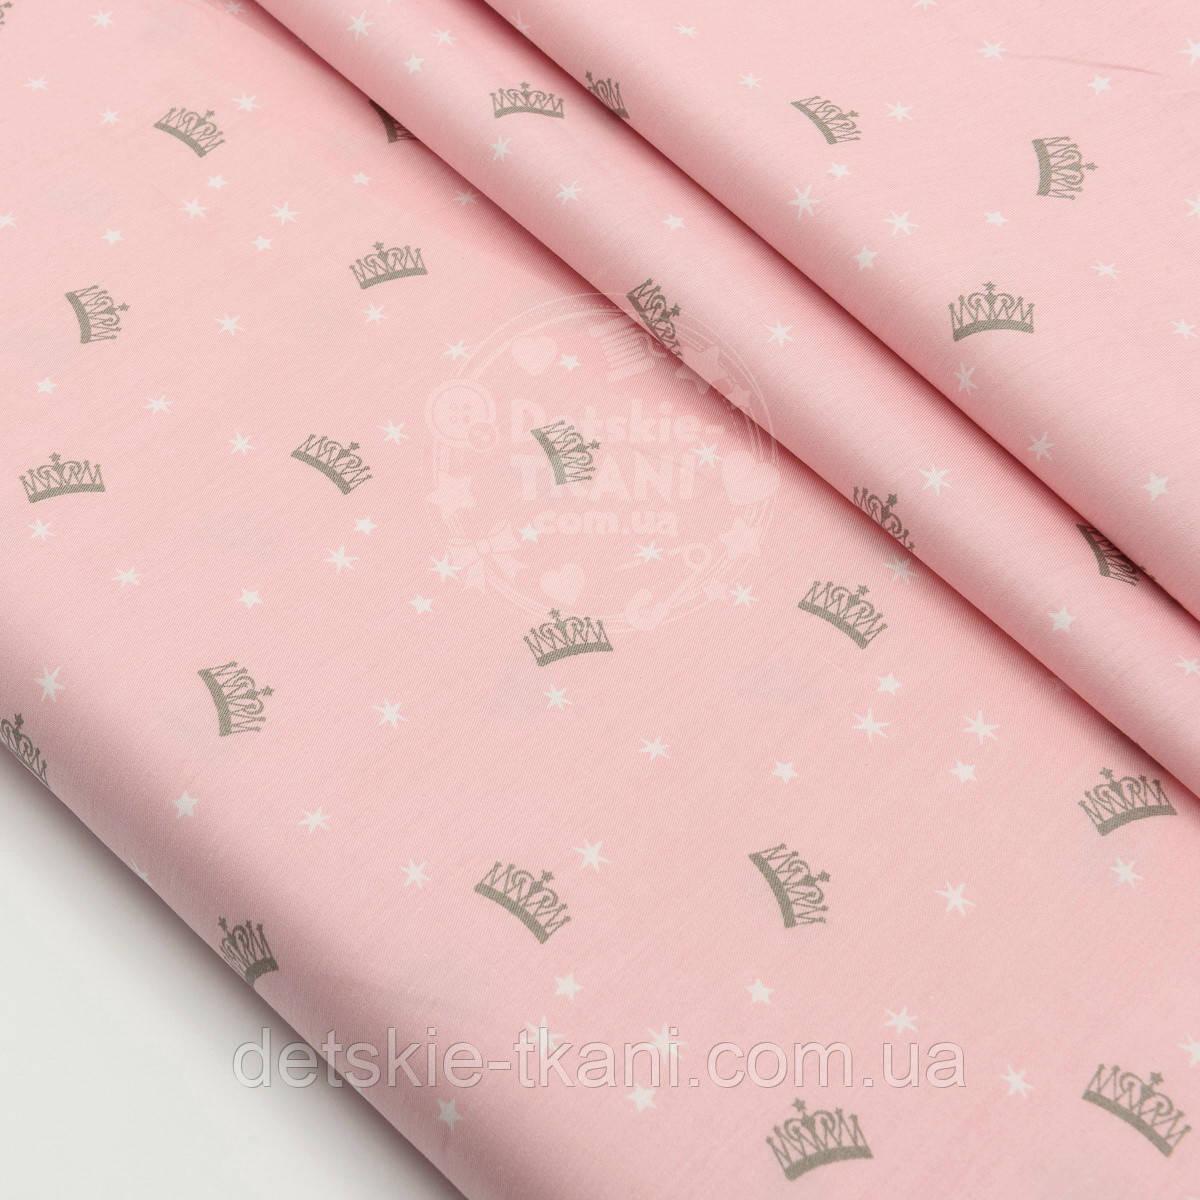 """Отрез сатина """"Маленькие короны и звёздочки"""" на розовом фоне, № 1503с, размер 73*160"""